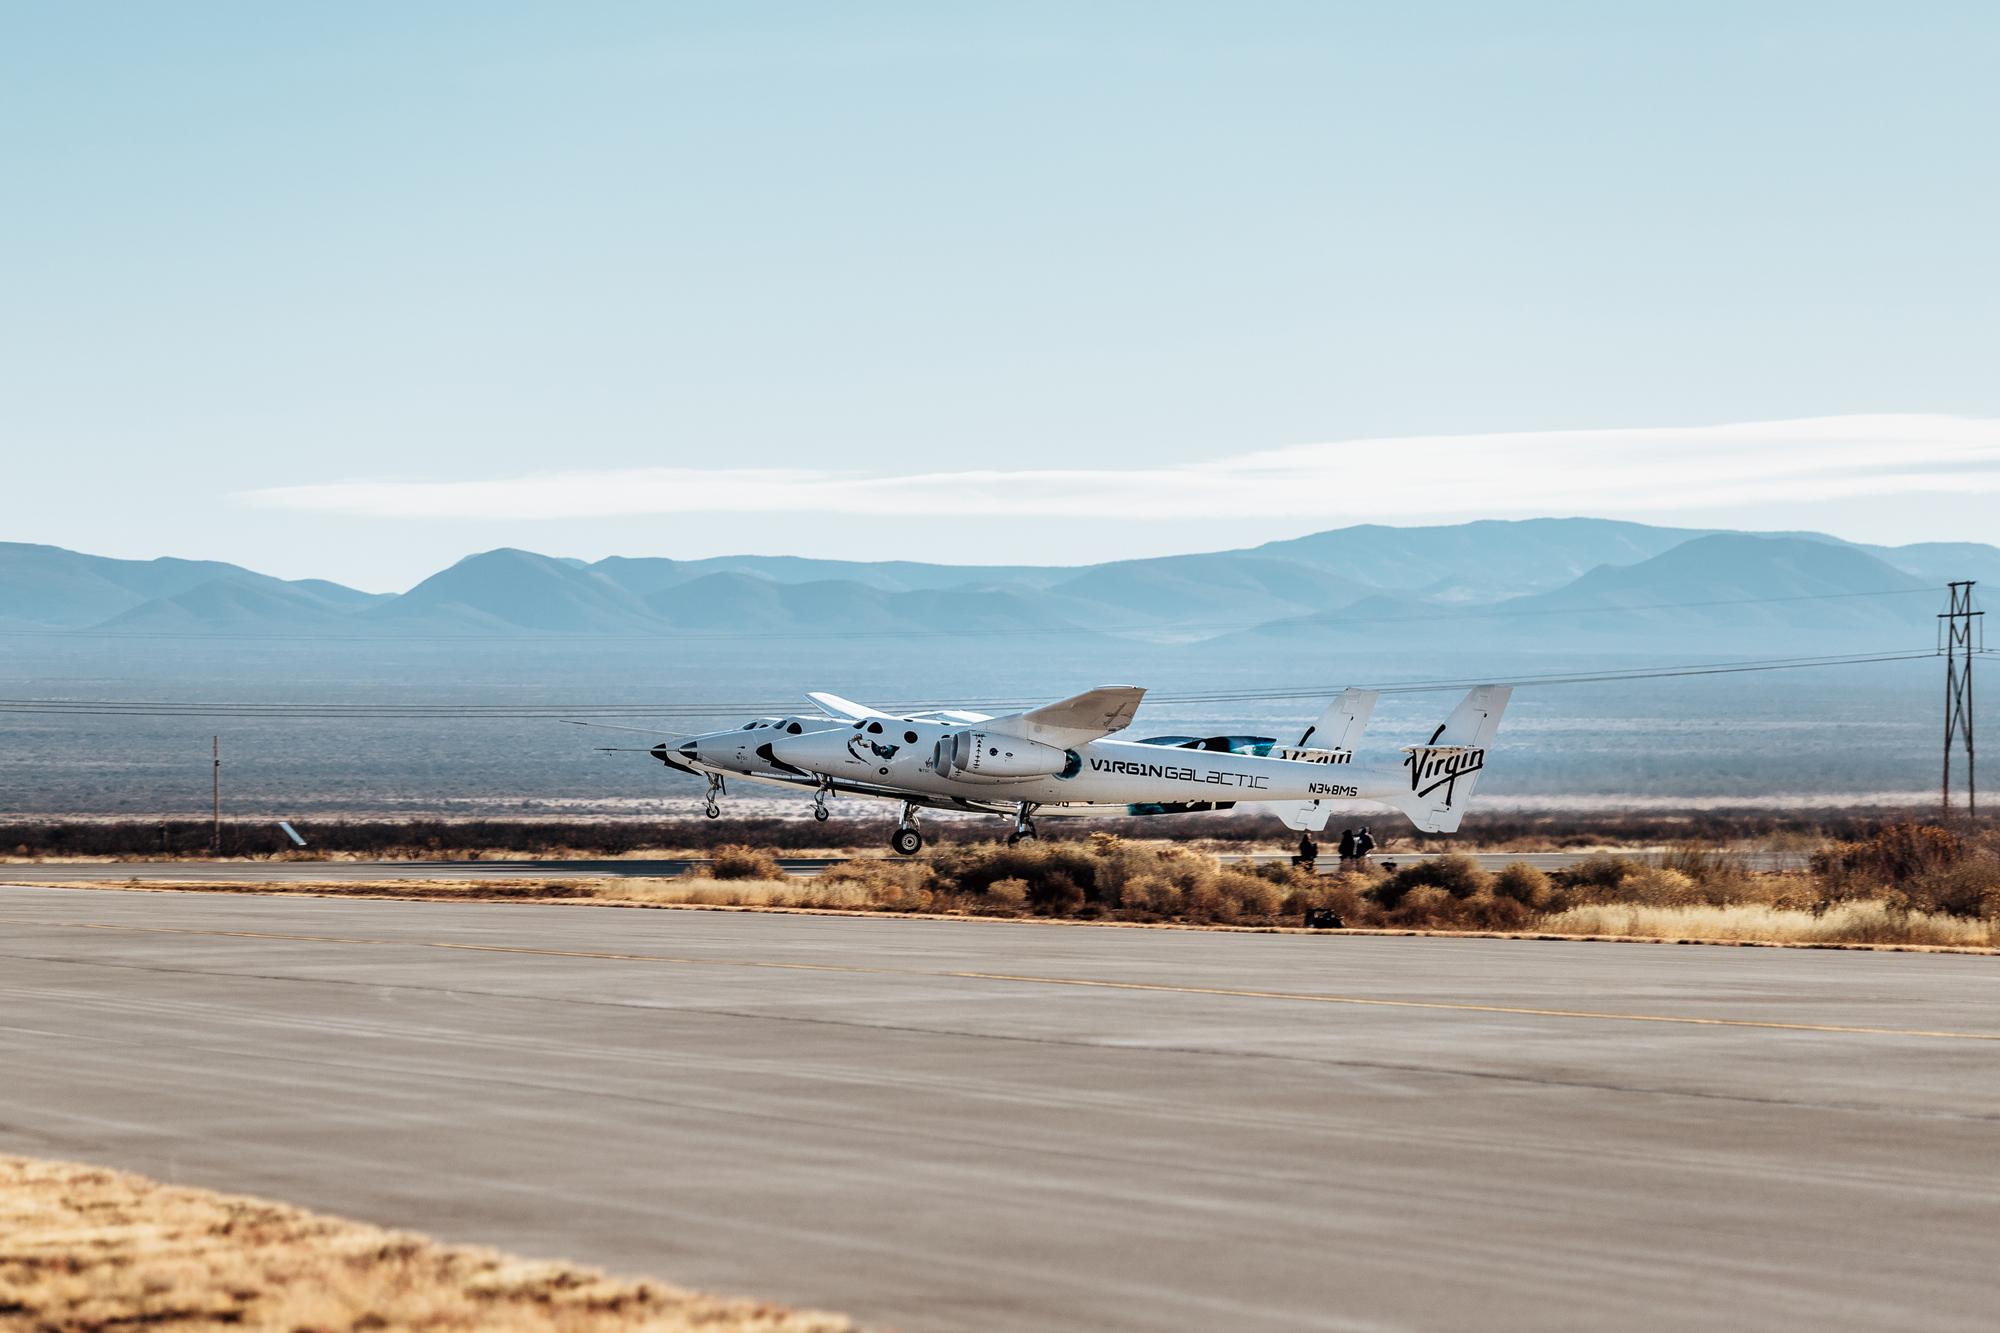 L'avion spatial VSS Unity de Virgin Galactic décolle de Spaceport America au Nouveau-Mexique sous les ailes de son avion porteur, VMS Eve, le 12 décembre 2020.